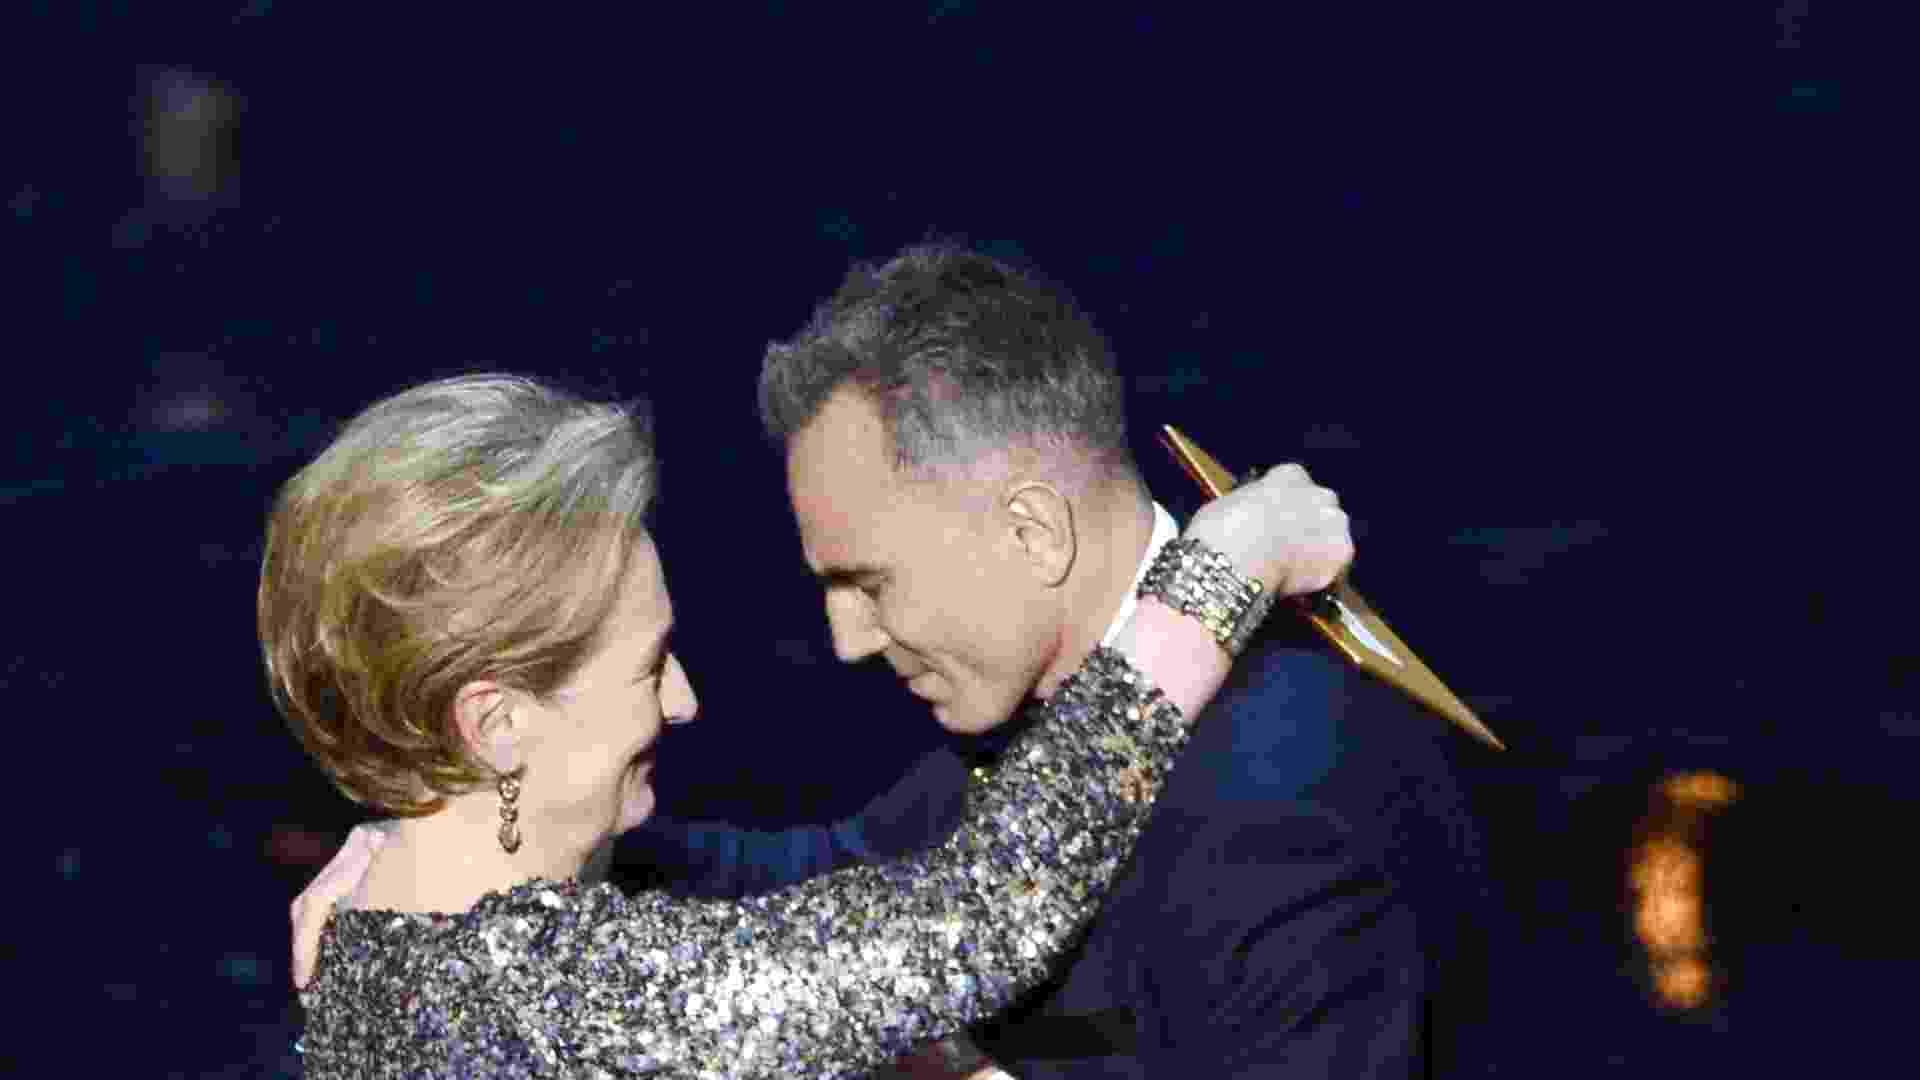 24.fev.2013 - Muito emocionado, Daniel Day-Lewis agradeceu Meryl Streep, o diretor Steven Spielberg e sua mulher - Getty Images